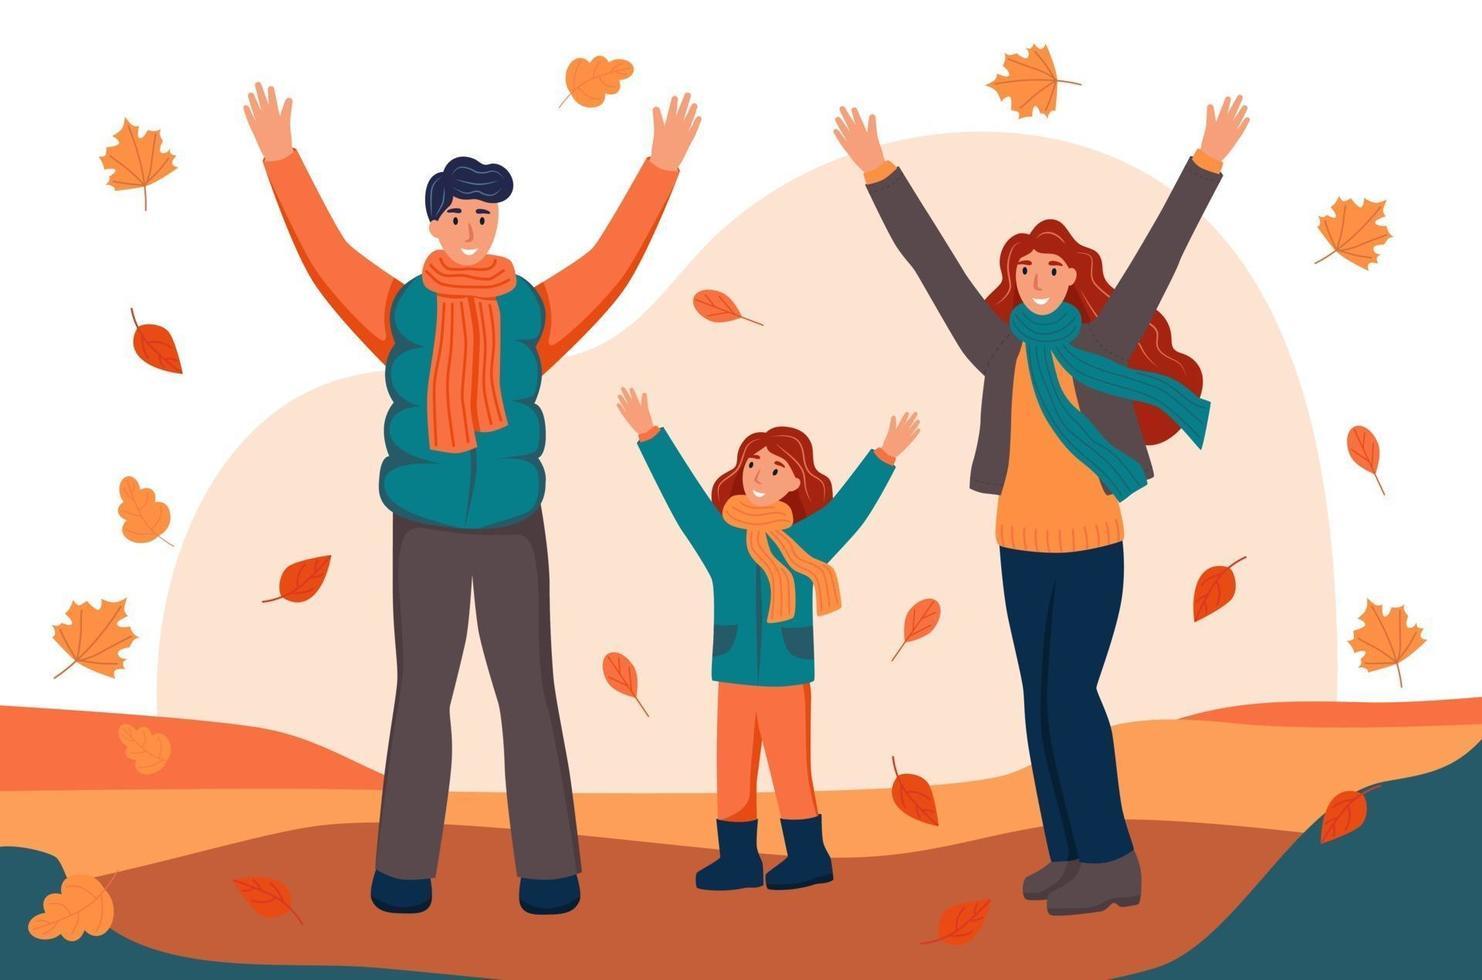 família caminhando e jogando folhas caídas no parque outono. o conceito de família, outono. ilustração em vetor plana dos desenhos animados.